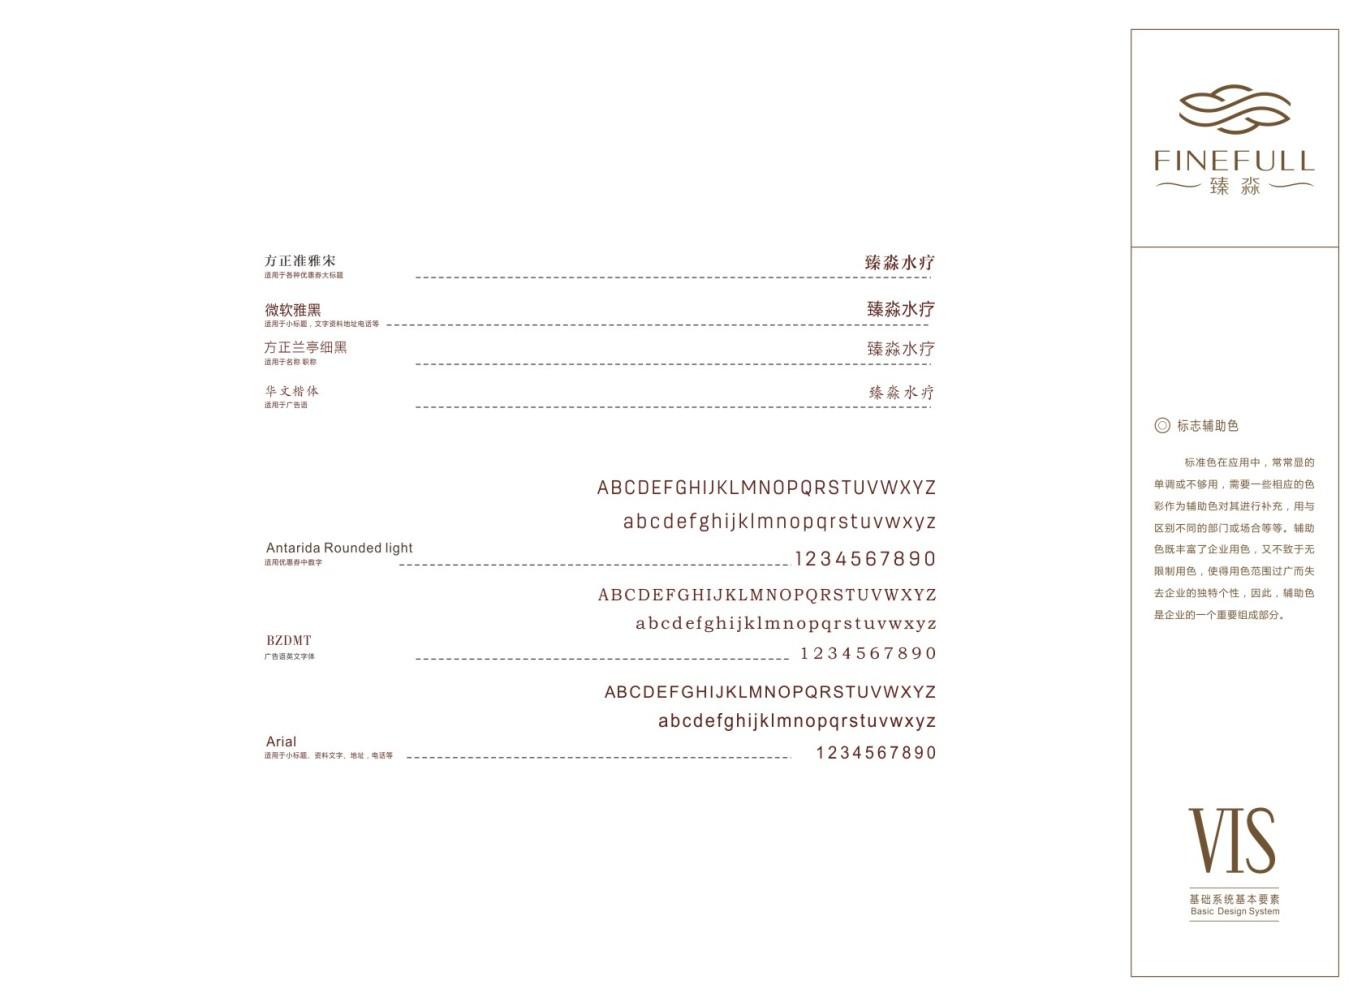 北京五星级FINEFULL-SPA水疗中心标志及VI设计图8